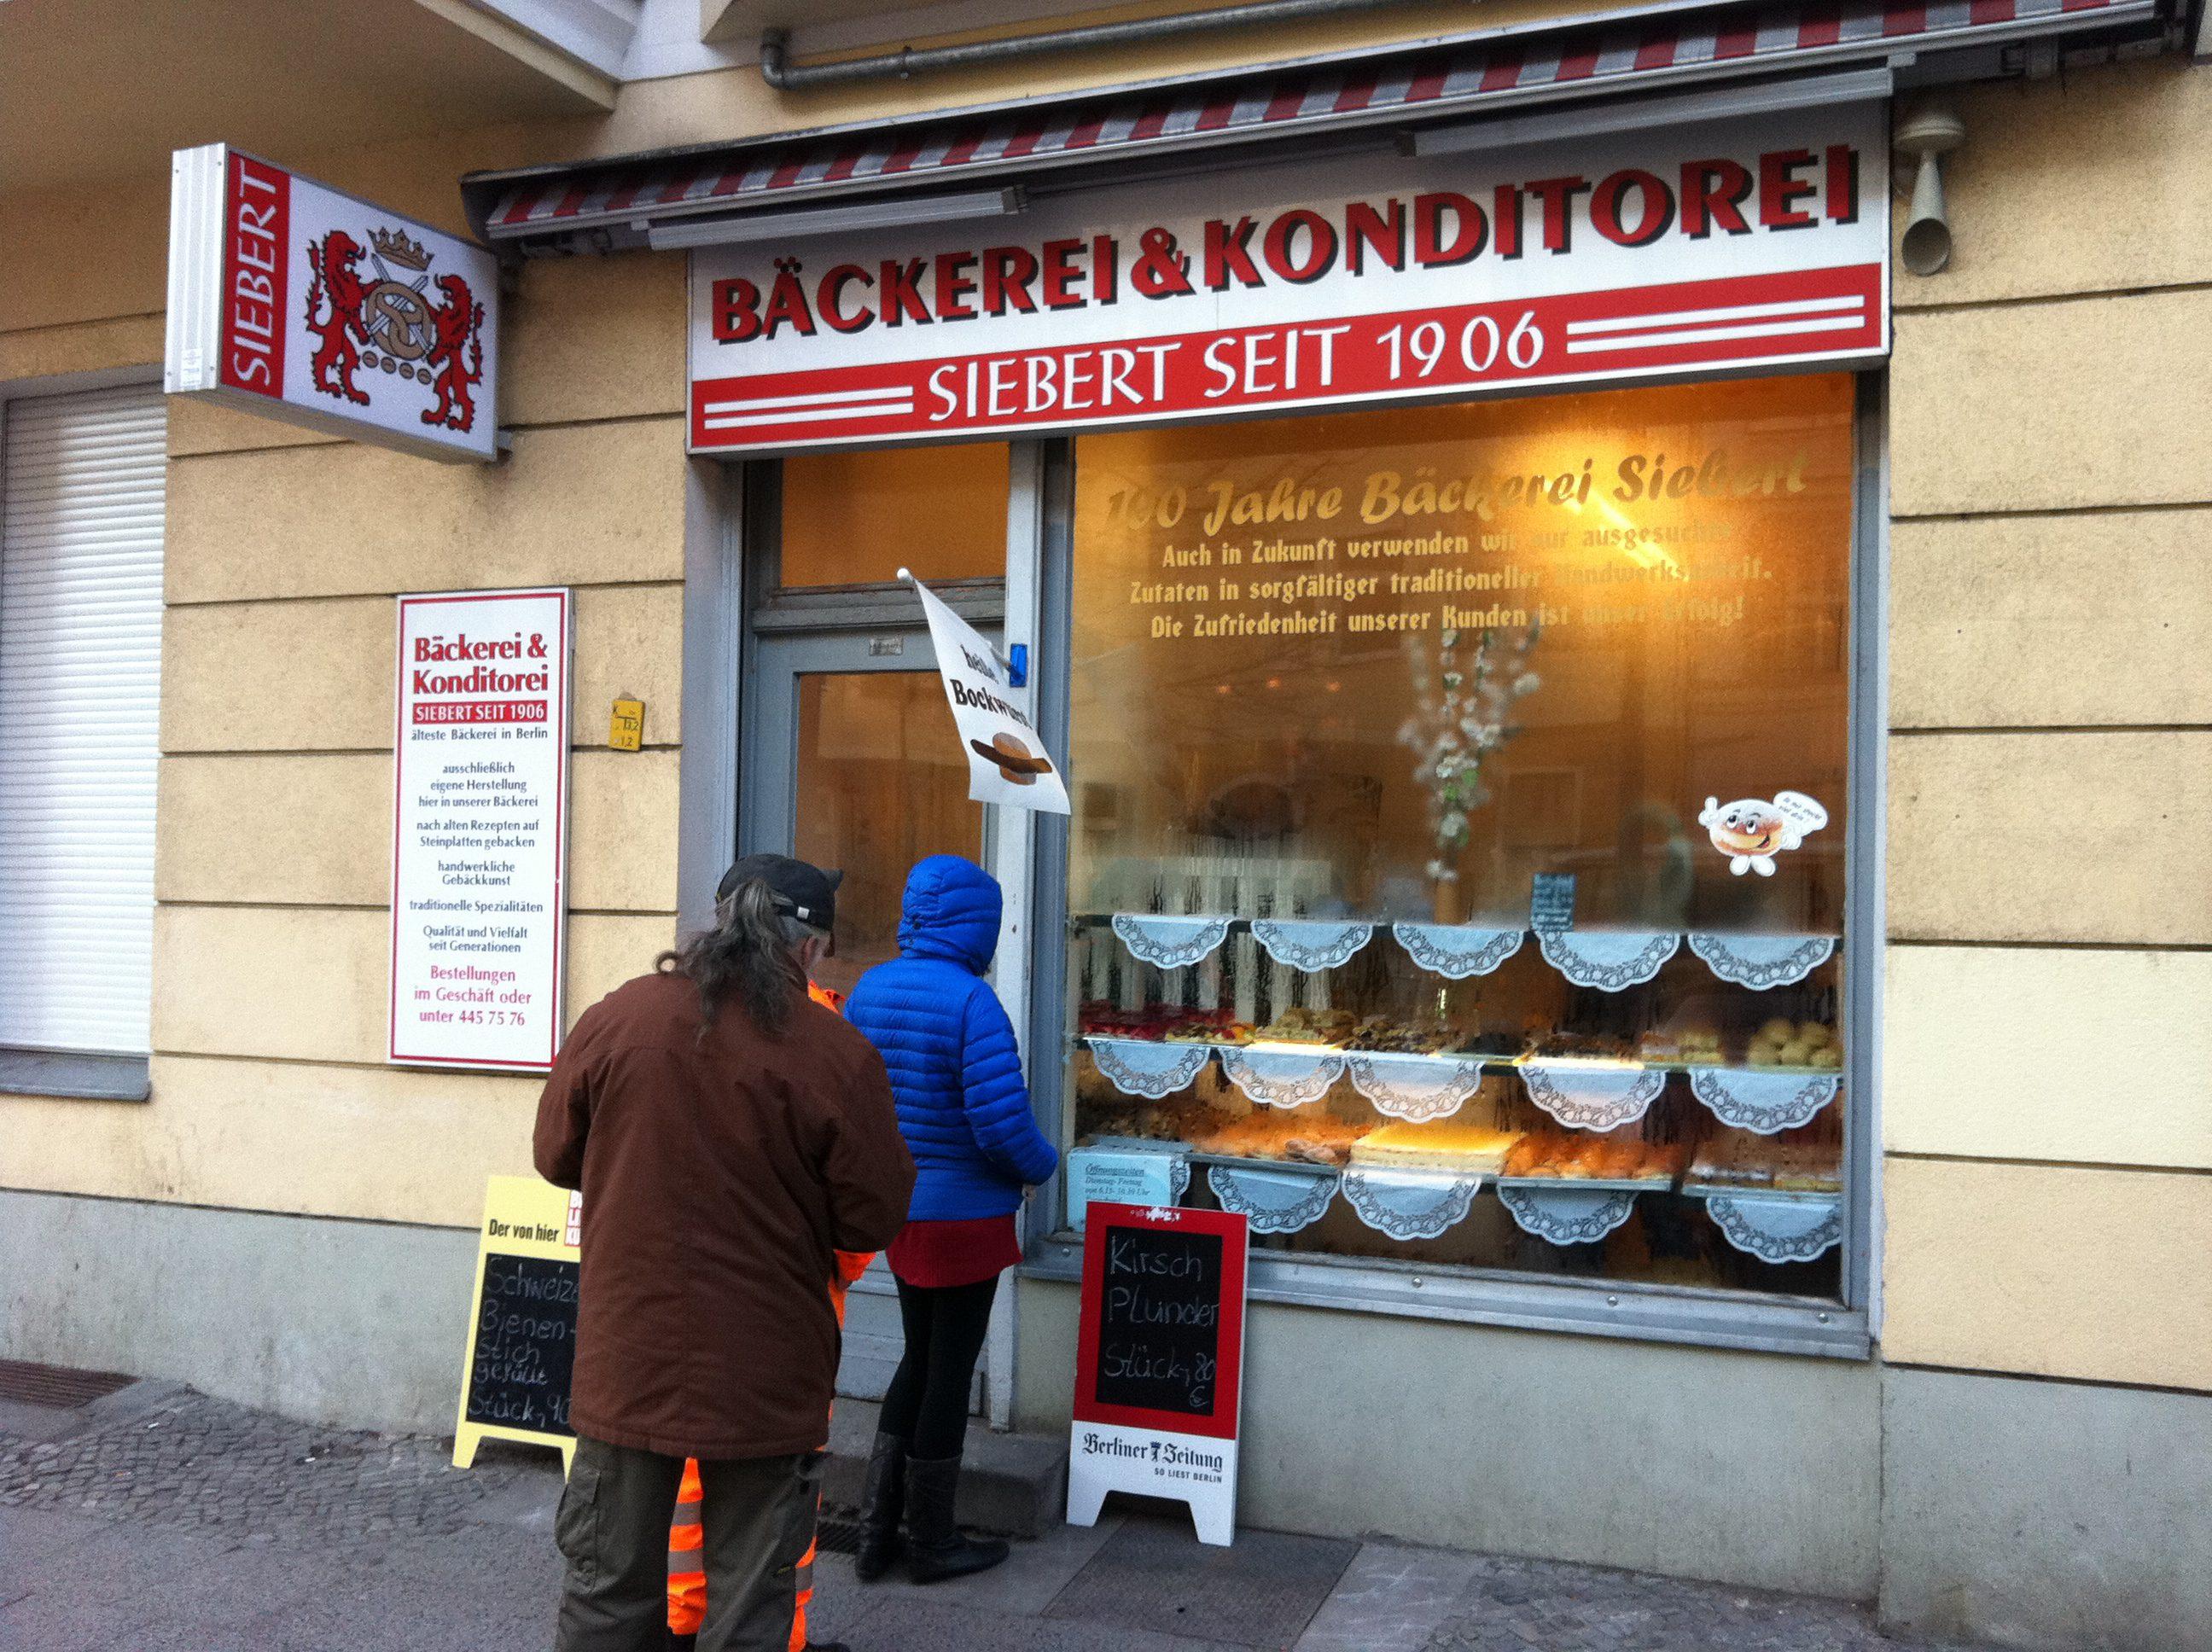 Schlange stehen ist bei Bäckerei Siebert auch unter der Woche keine Seltenheit.